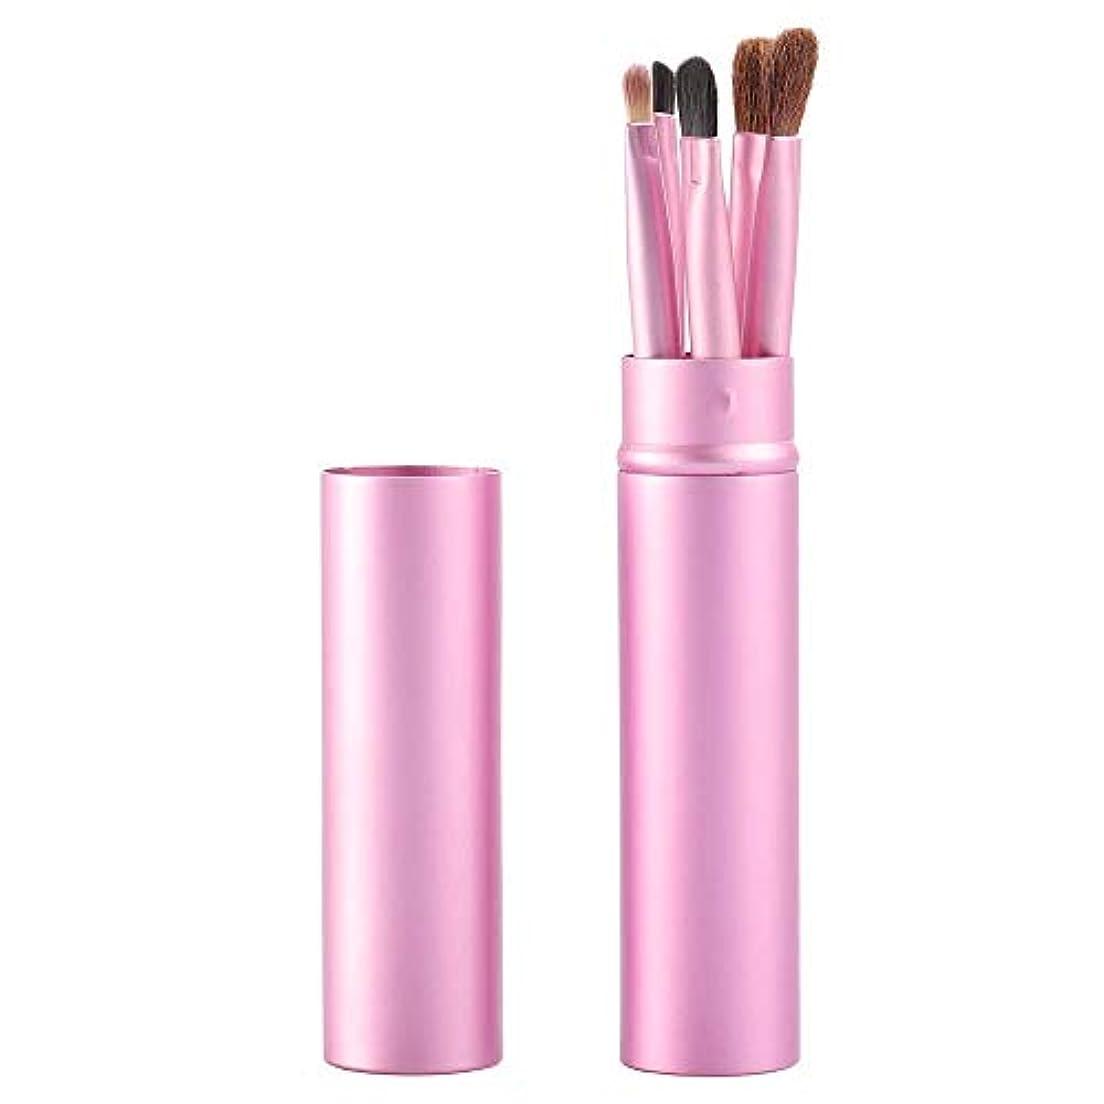 飛び込む動力学確保するMakeup brushes ピンク、アイメイクブラシセットブラシ5アイブラシ化粧ペン美容化粧道具で保護チューブ保護 suits (Color : Pink Blue)